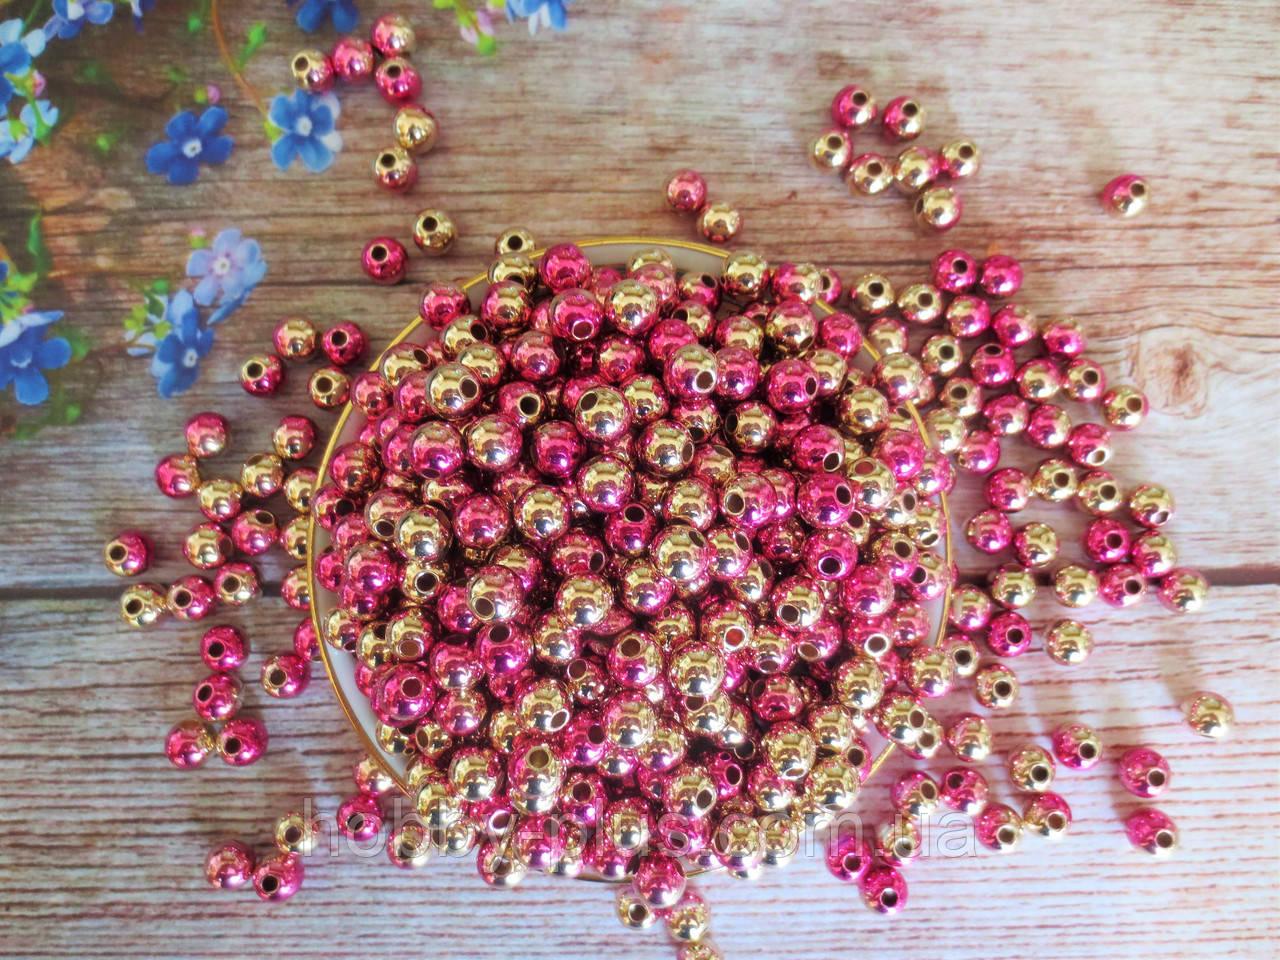 Жемчуг искусственный, 8 мм, цвет градиент малиновый+золото, 10 грамм (~40 шт).